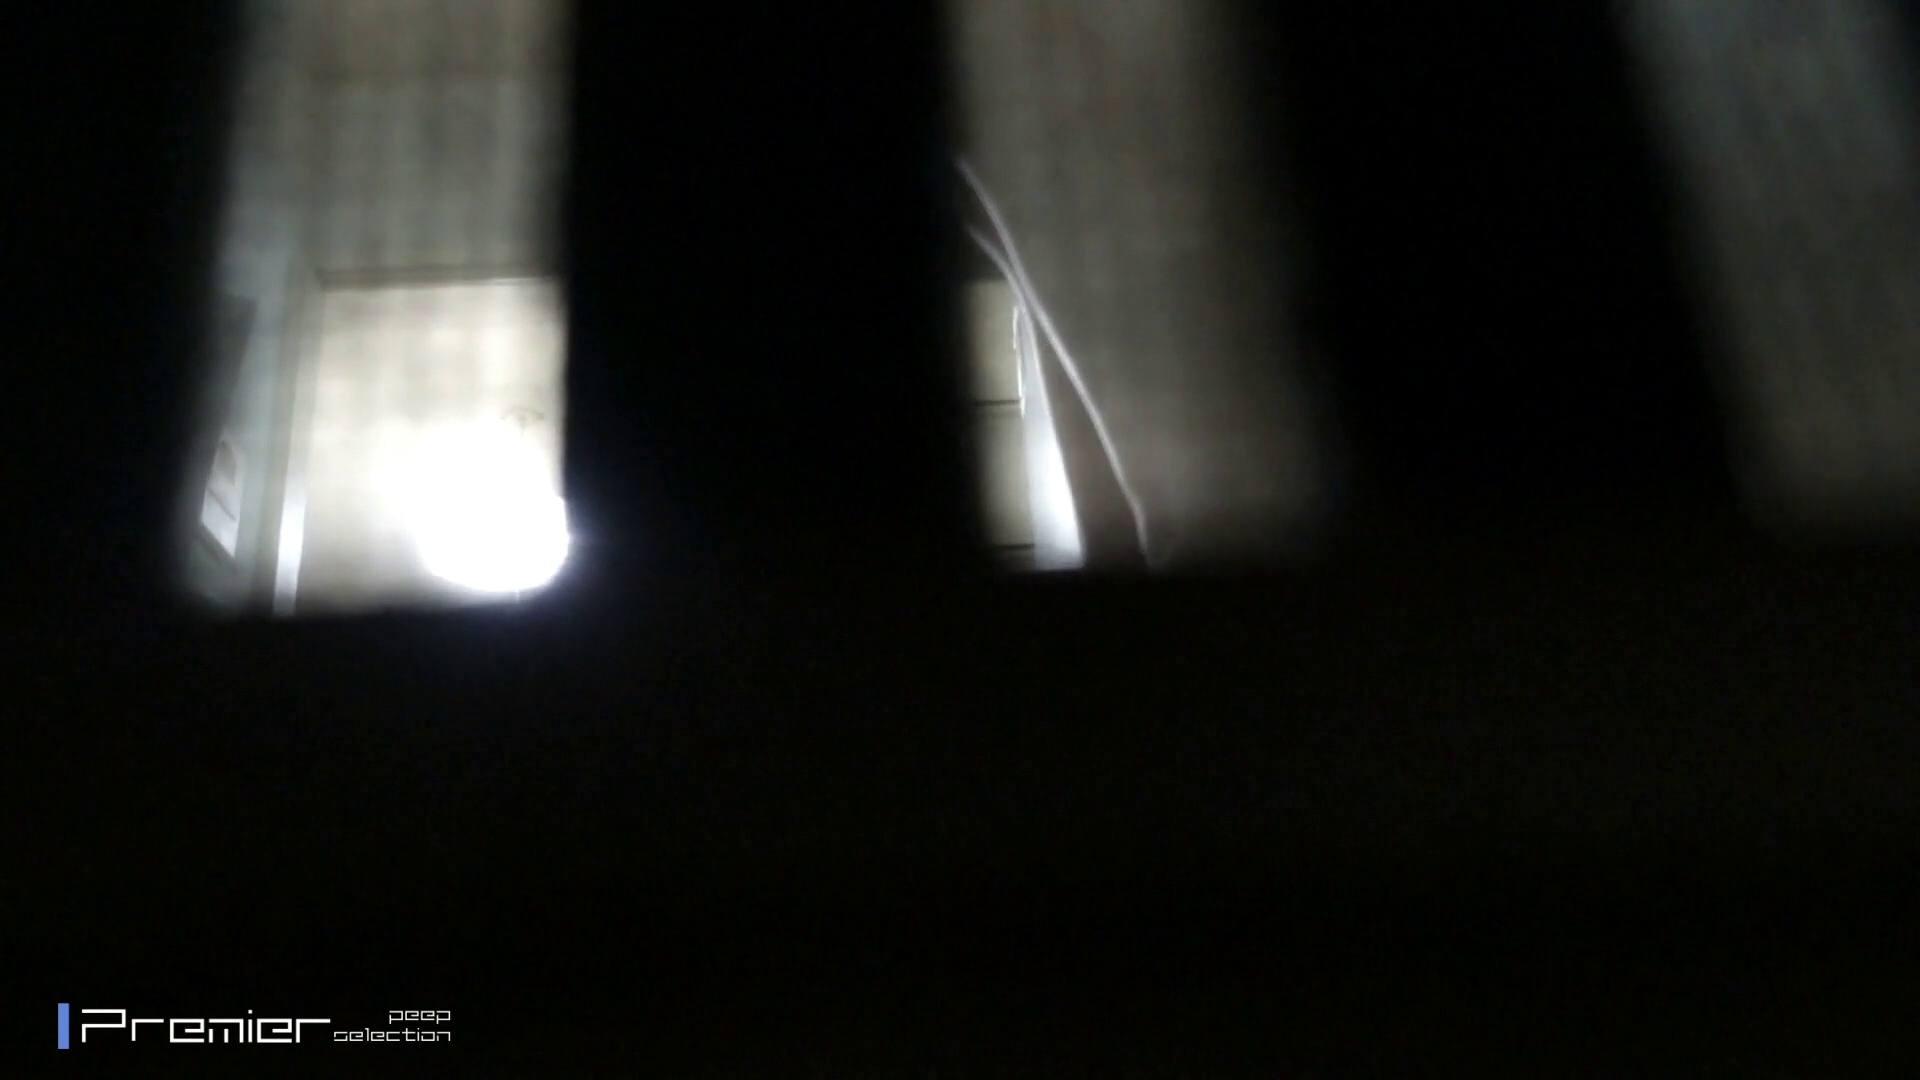 美人限定★女子大生の私生活★詰合せ 美女達の私生活に潜入! 丸見え オマンコ無修正動画無料 106画像 101